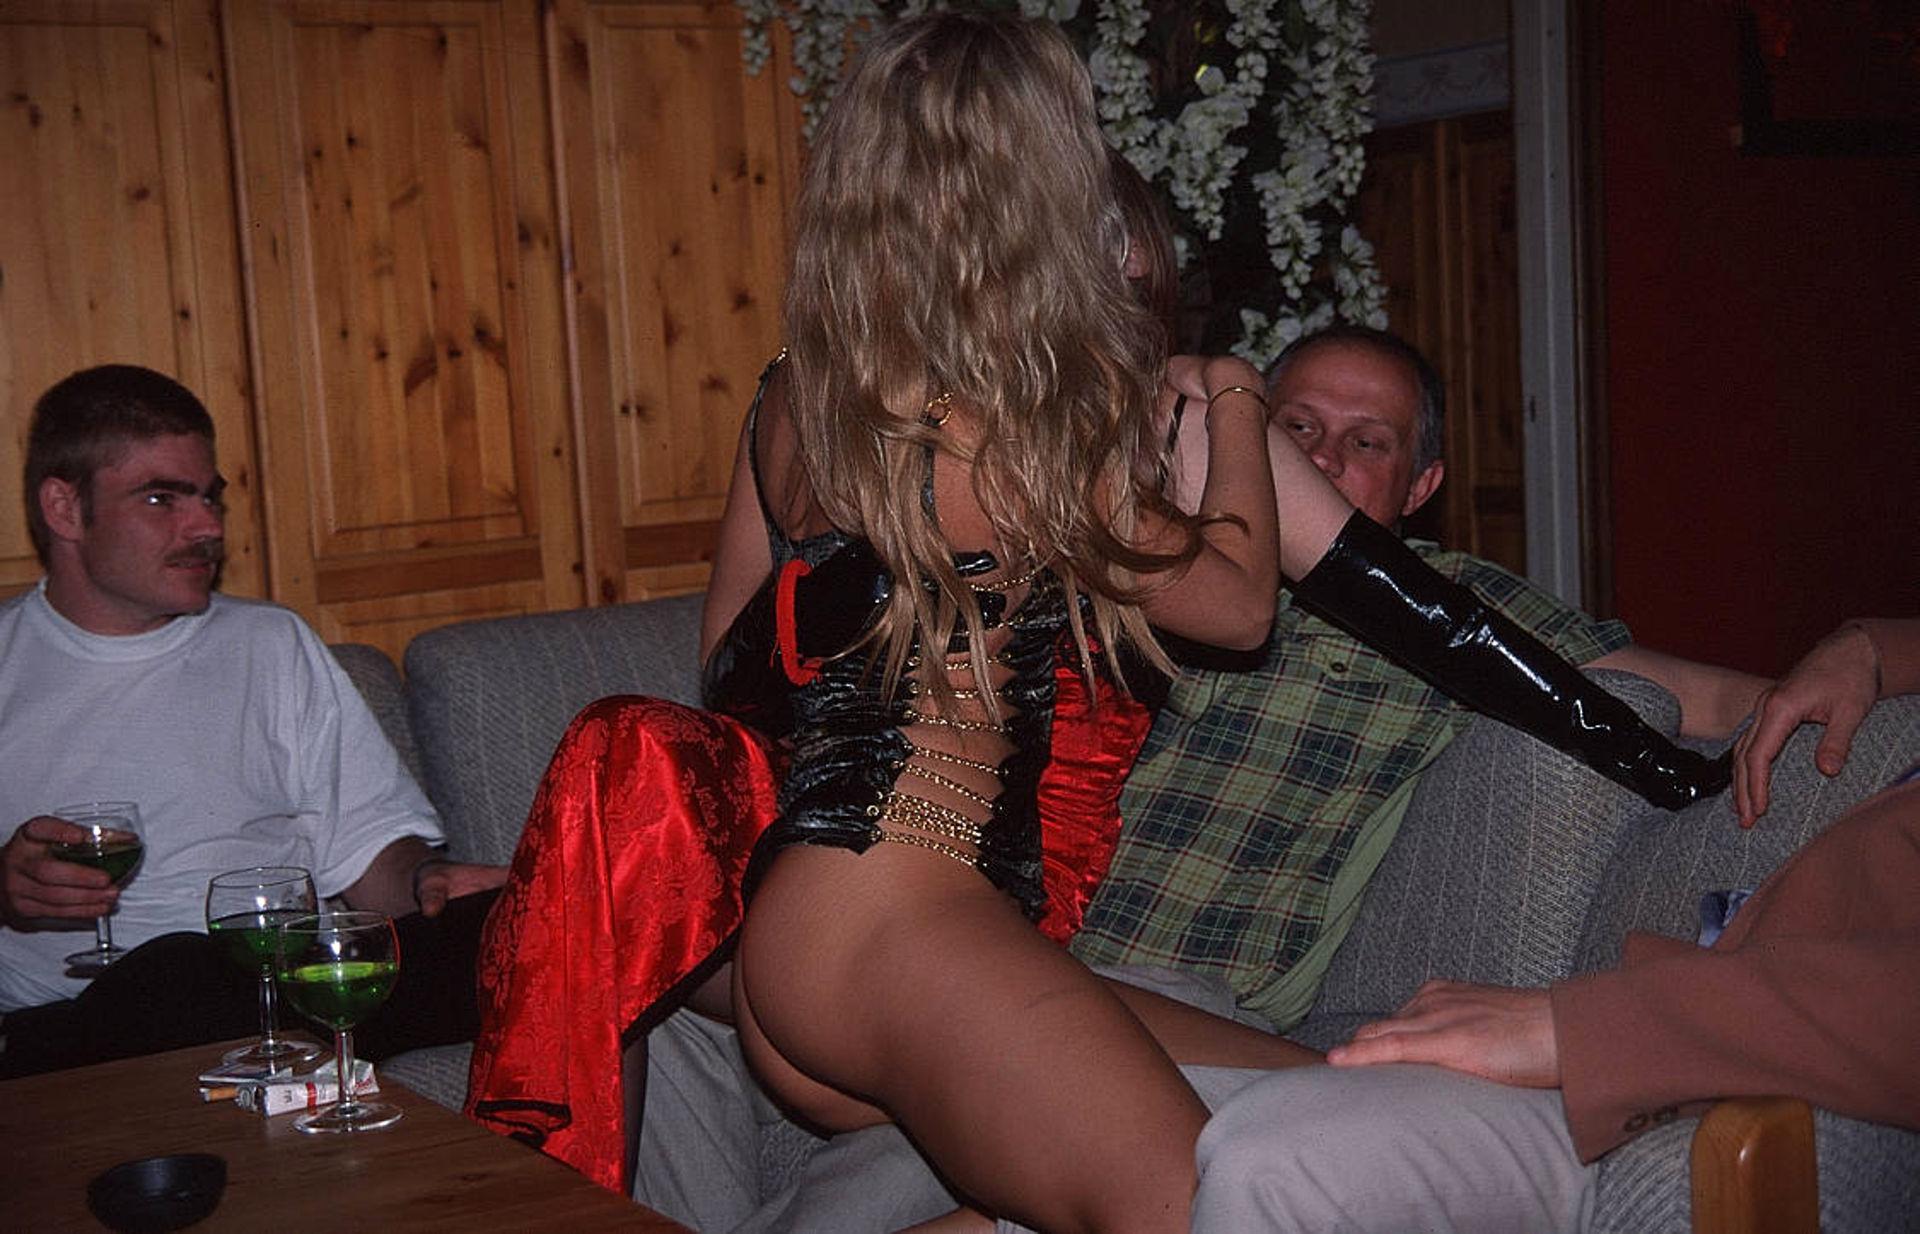 Свинг клуб красавица и чудовище, Красавица и Чудовище пара, Ростов-на-Дону 5 фотография